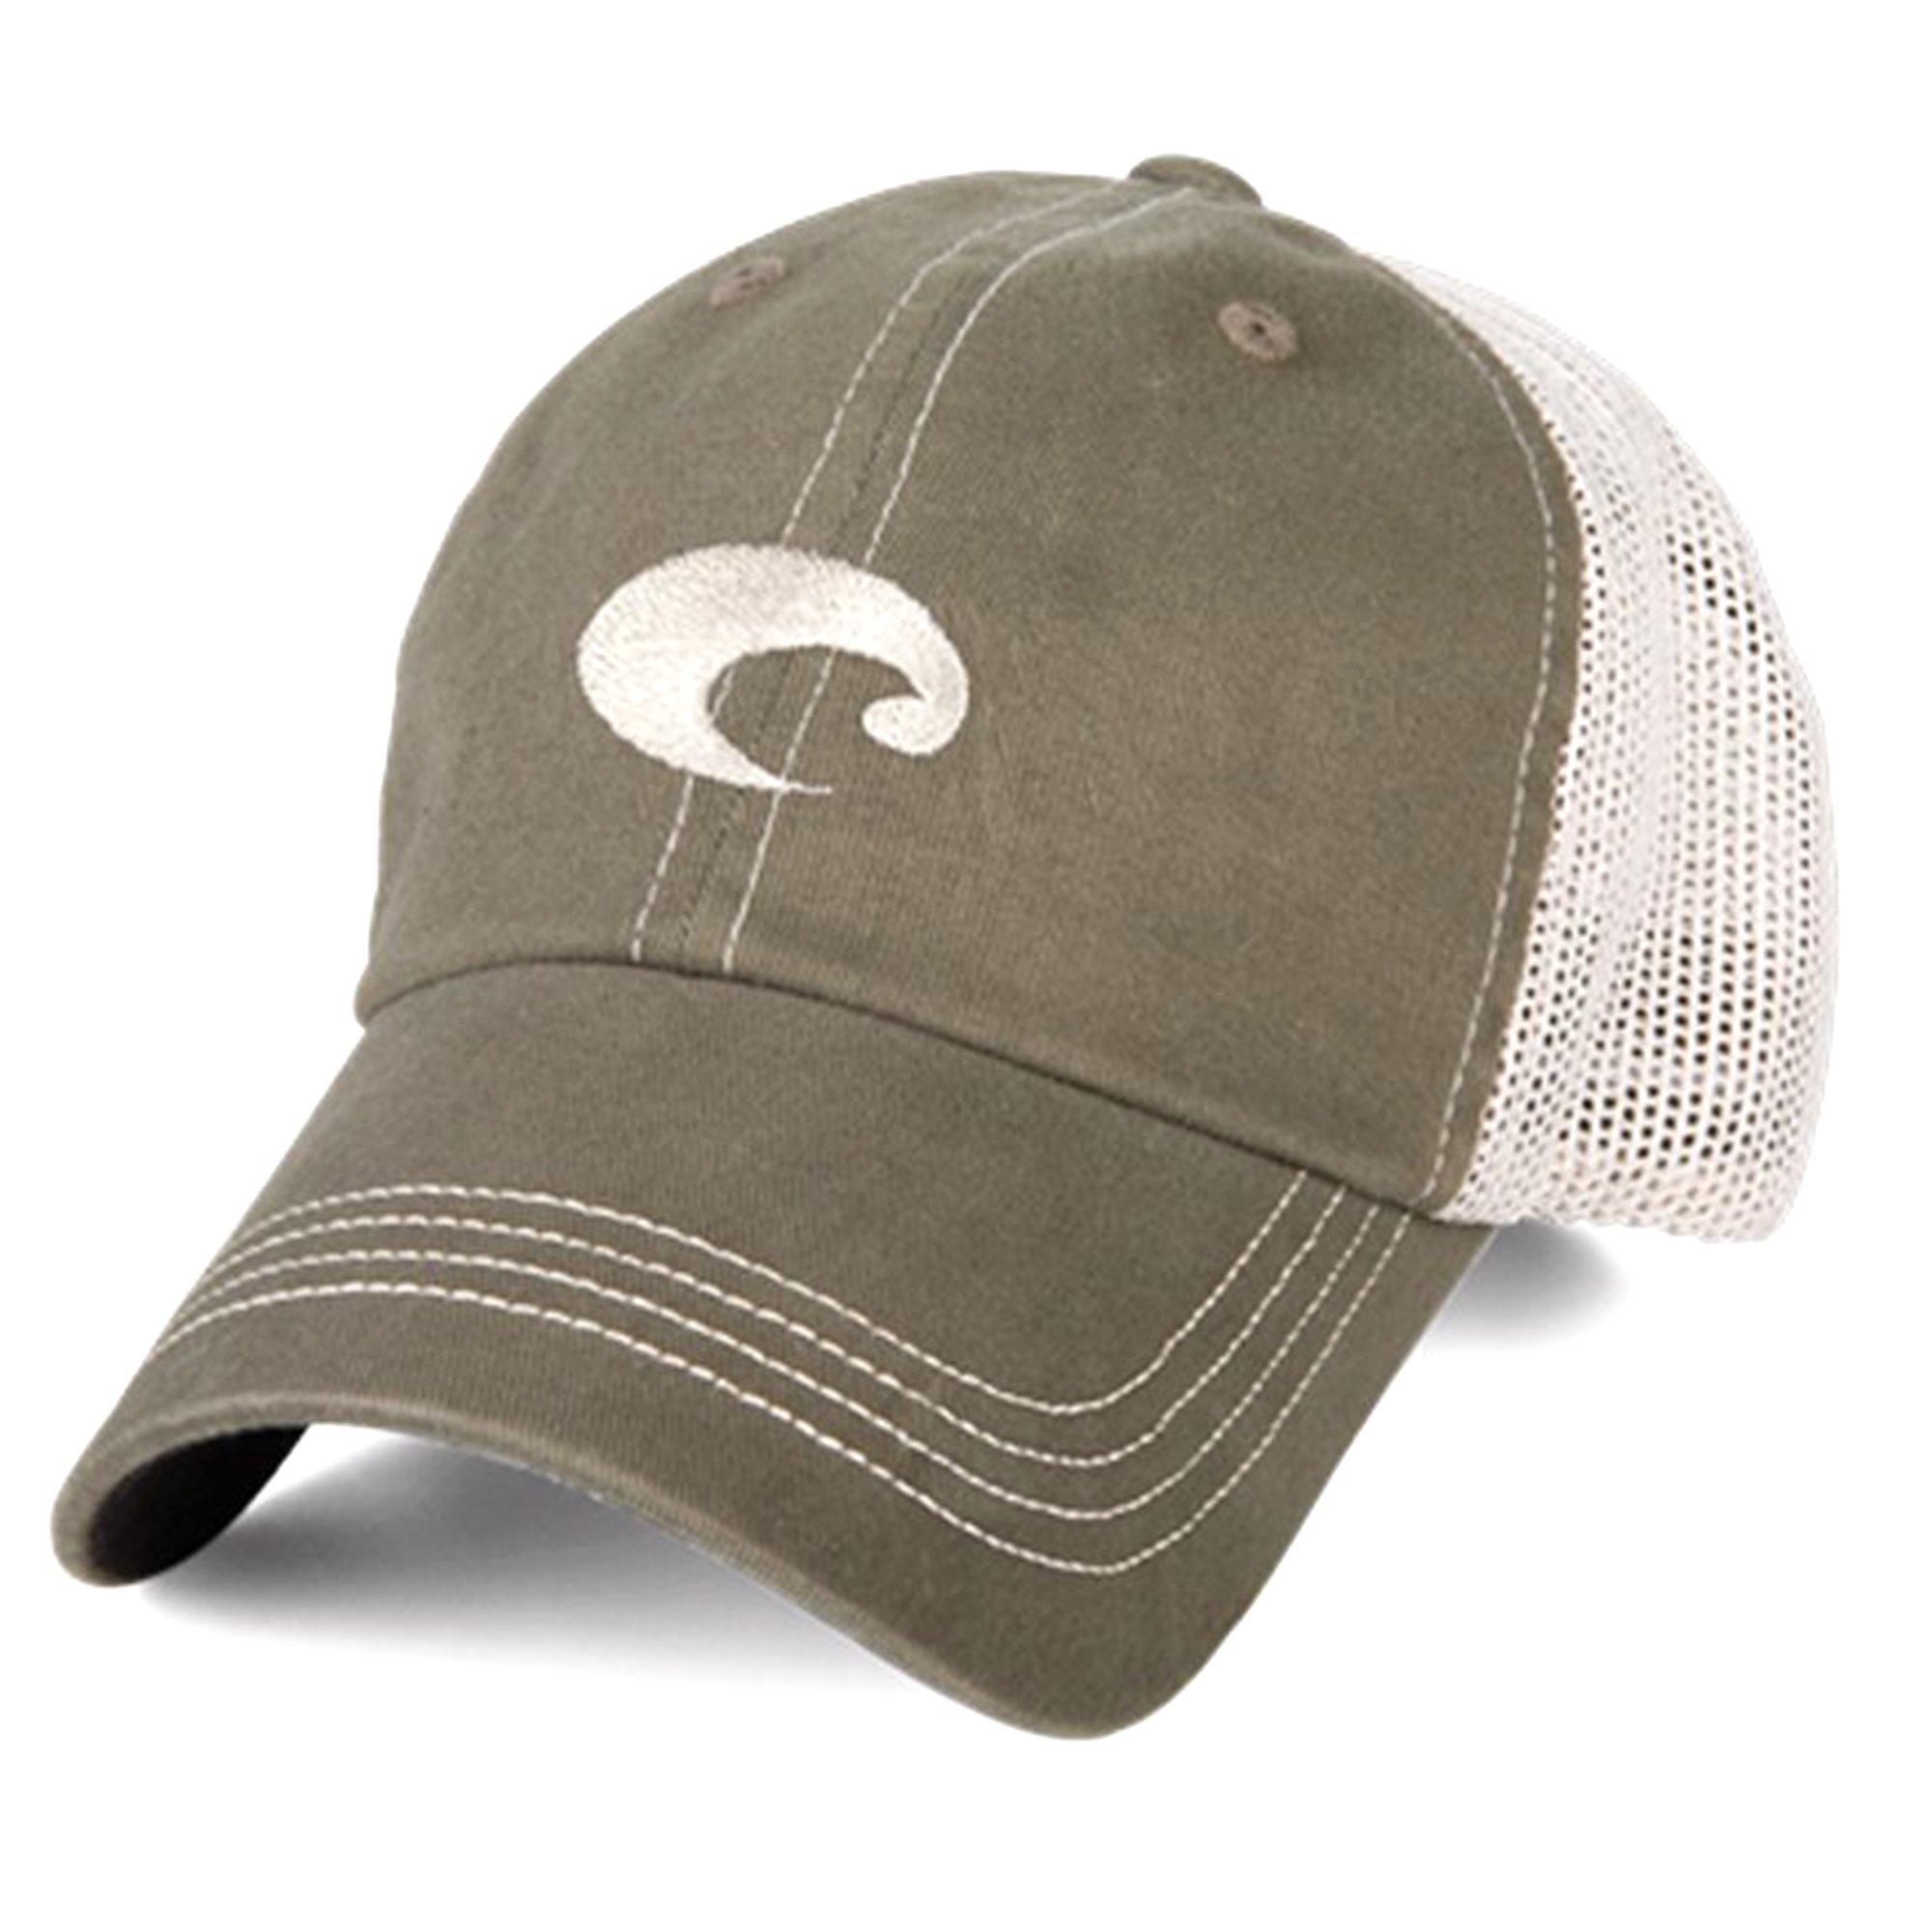 18a07d7b2a2c1 Costa Del Mar Mesh Hat - ERROR  Invalid Expression   Baseball Caps ...